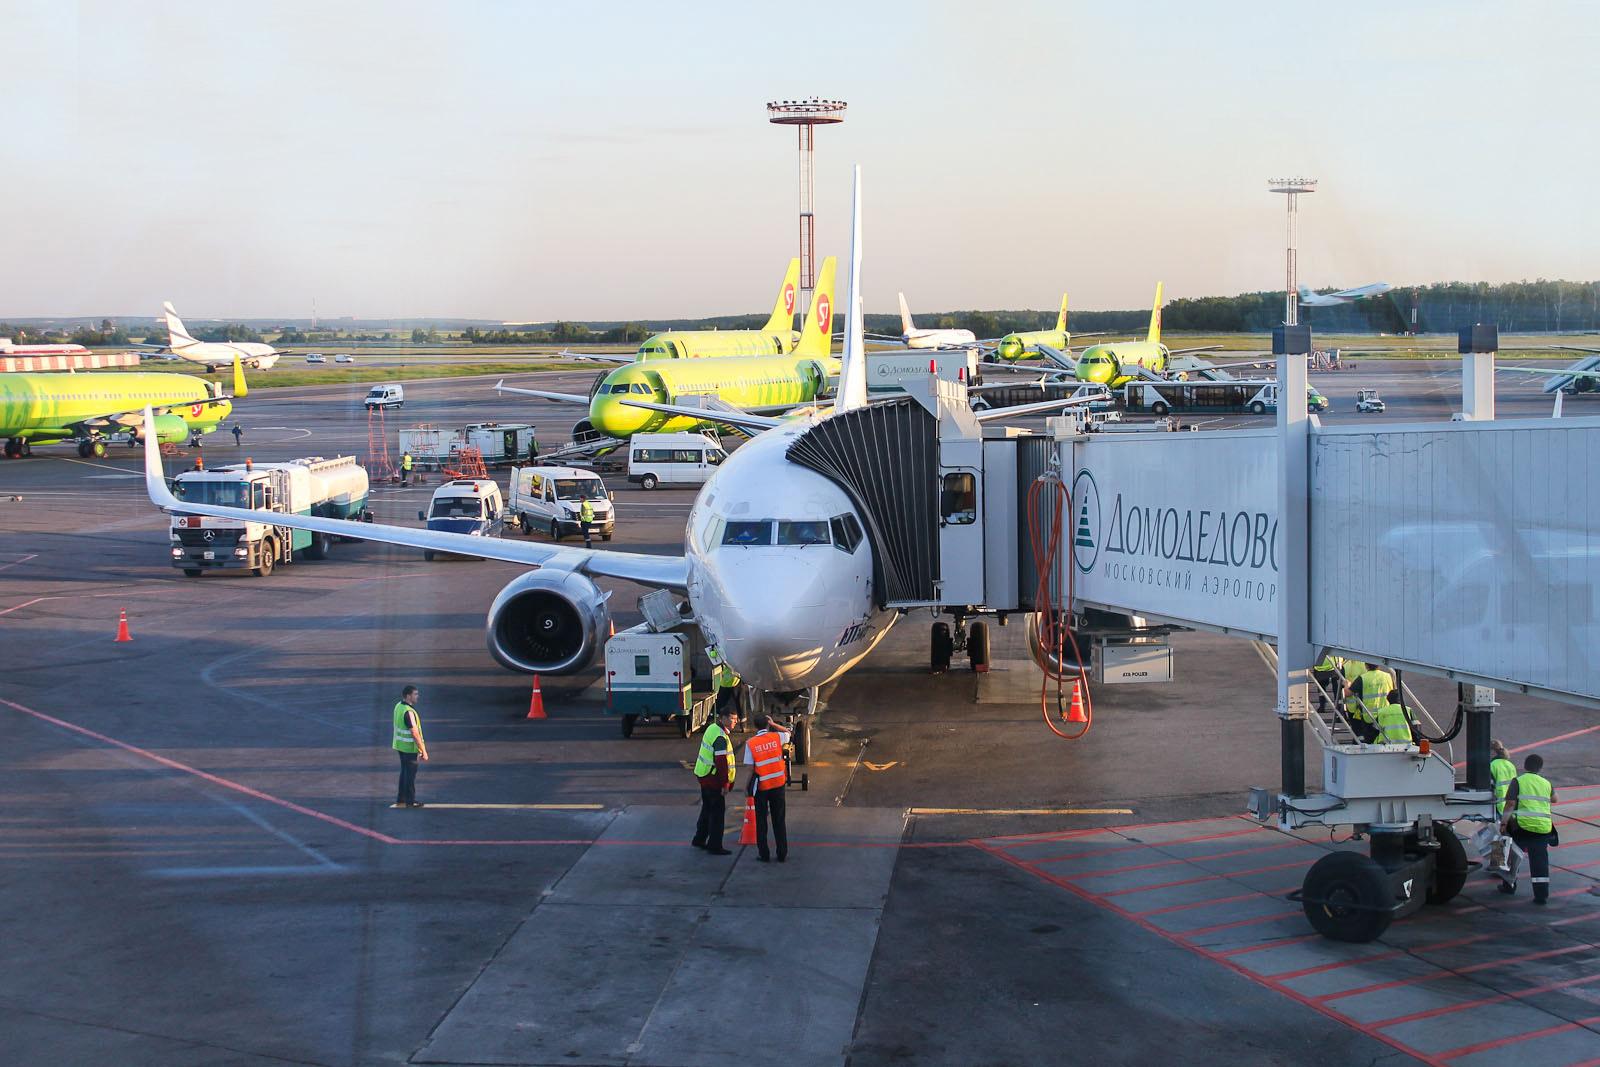 Боинг-737-500 ЮТэйр в аэропорту Домодедово